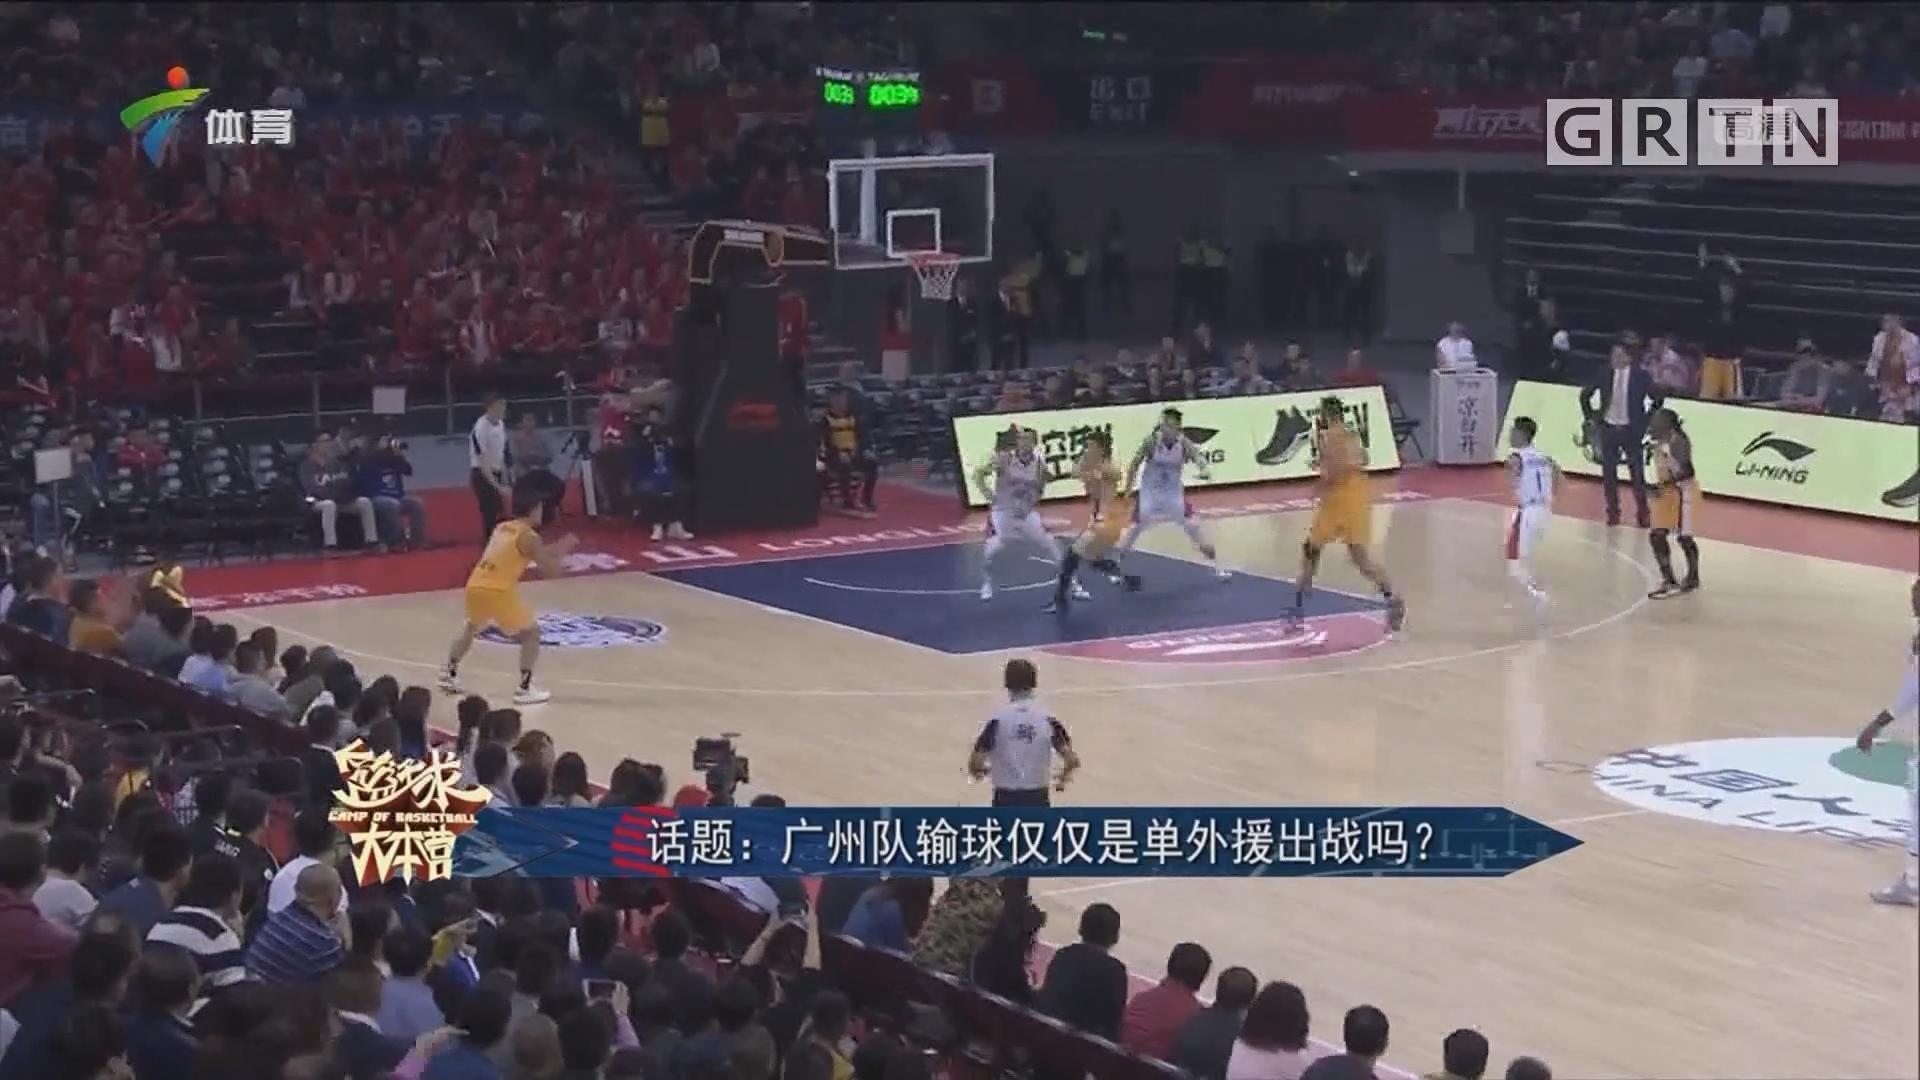 话题:广州队输球仅仅是单外援出战吗?